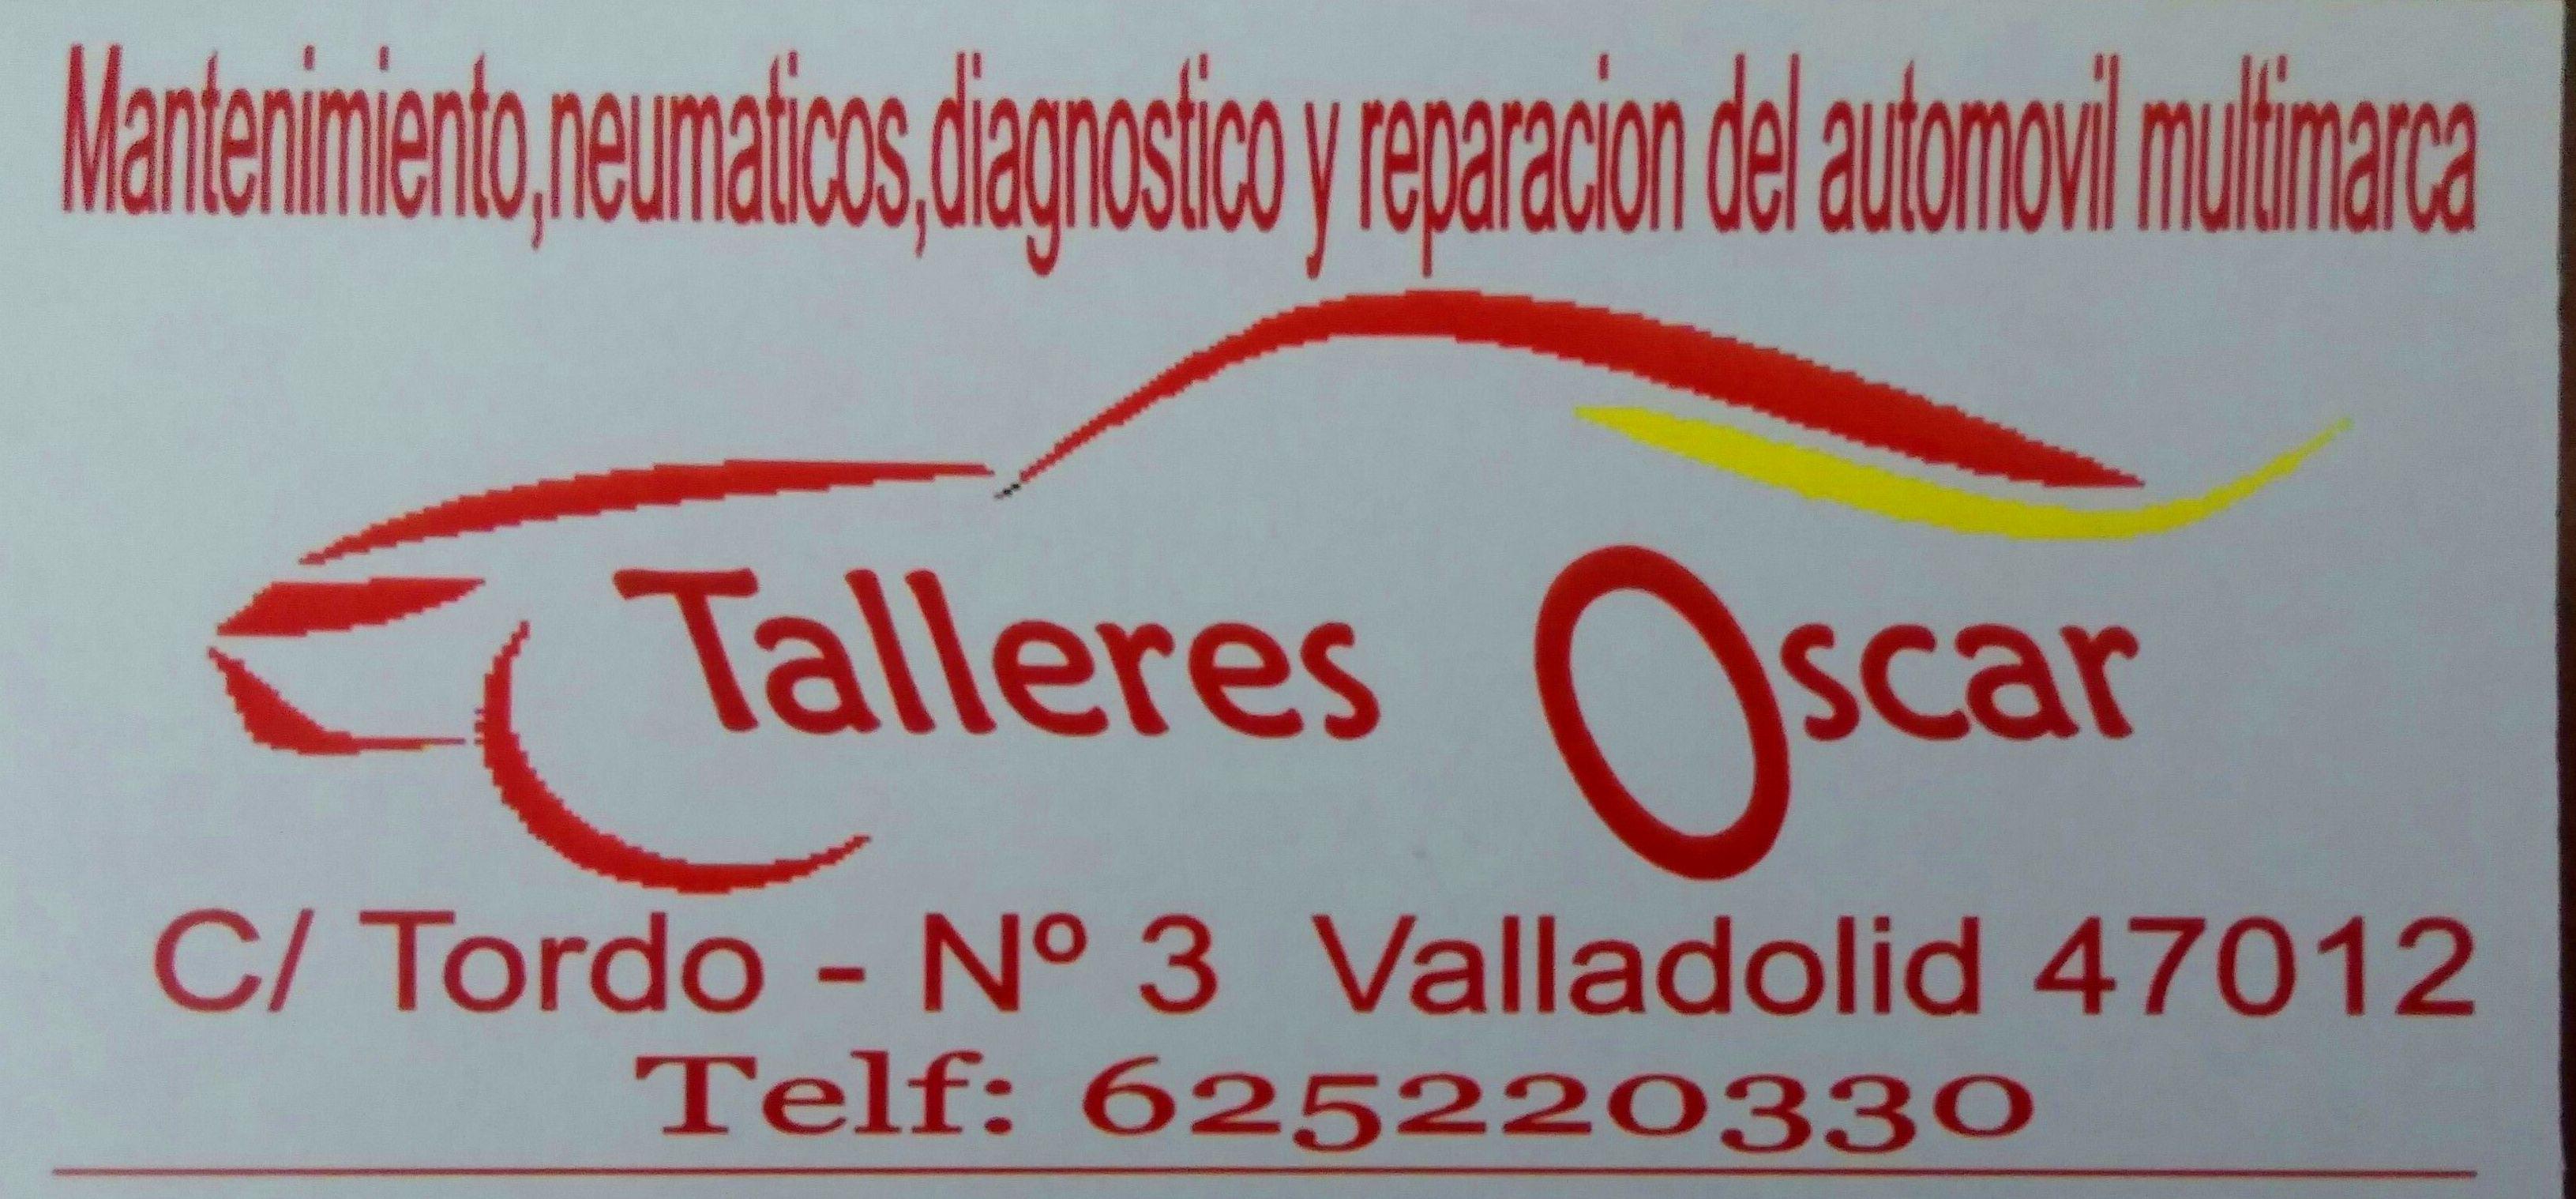 Mecánica en general - Taller de automóviles en Valladolid